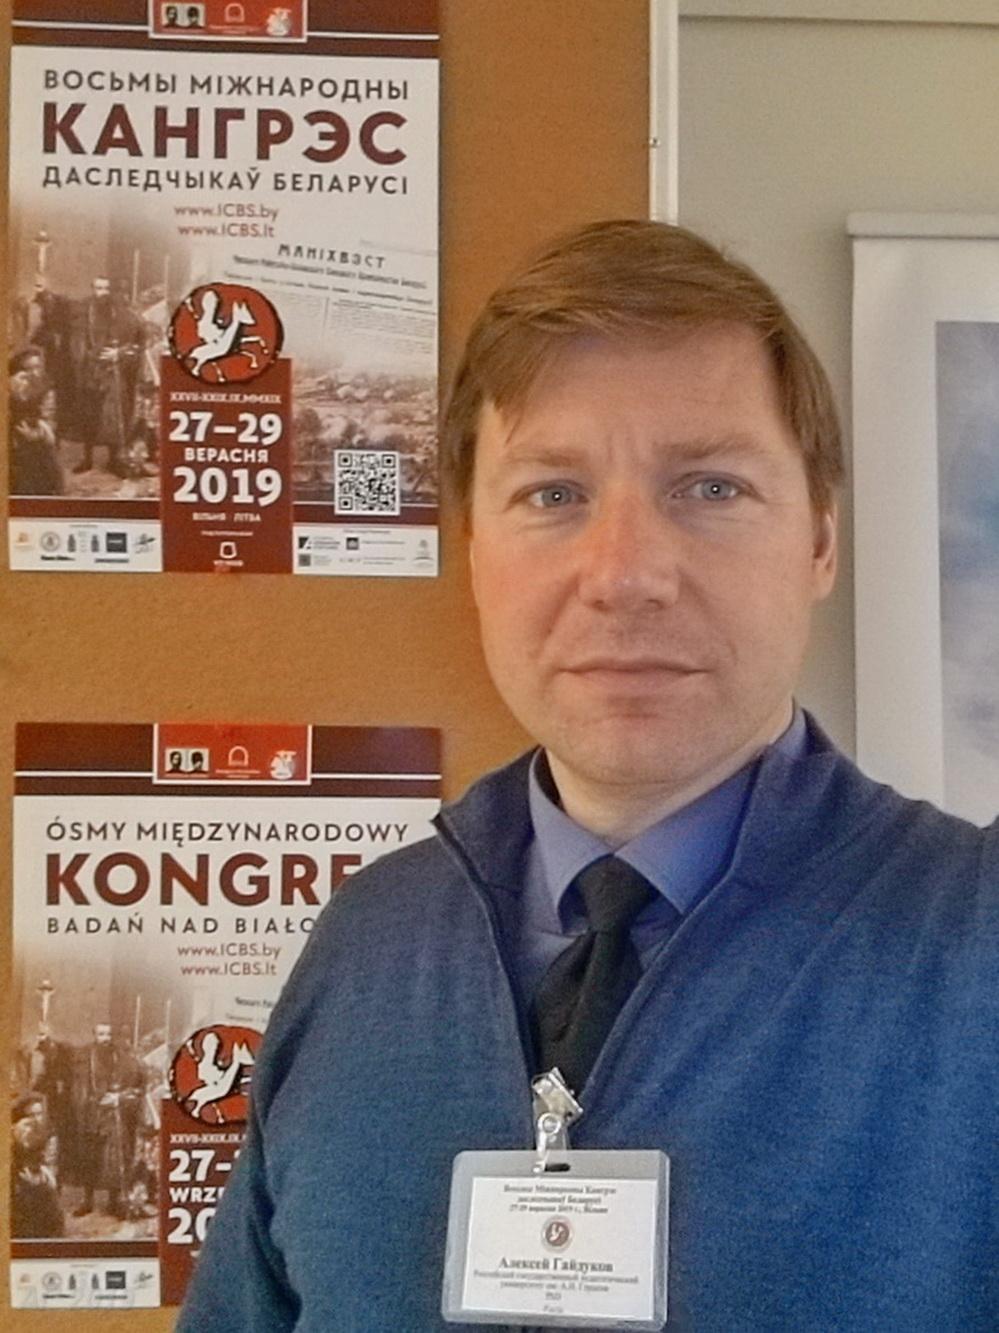 А.В. Гайдуков, VIII Международный конгресс исследователей Беларуси, Литва, Вильнюс, 28.09.2019